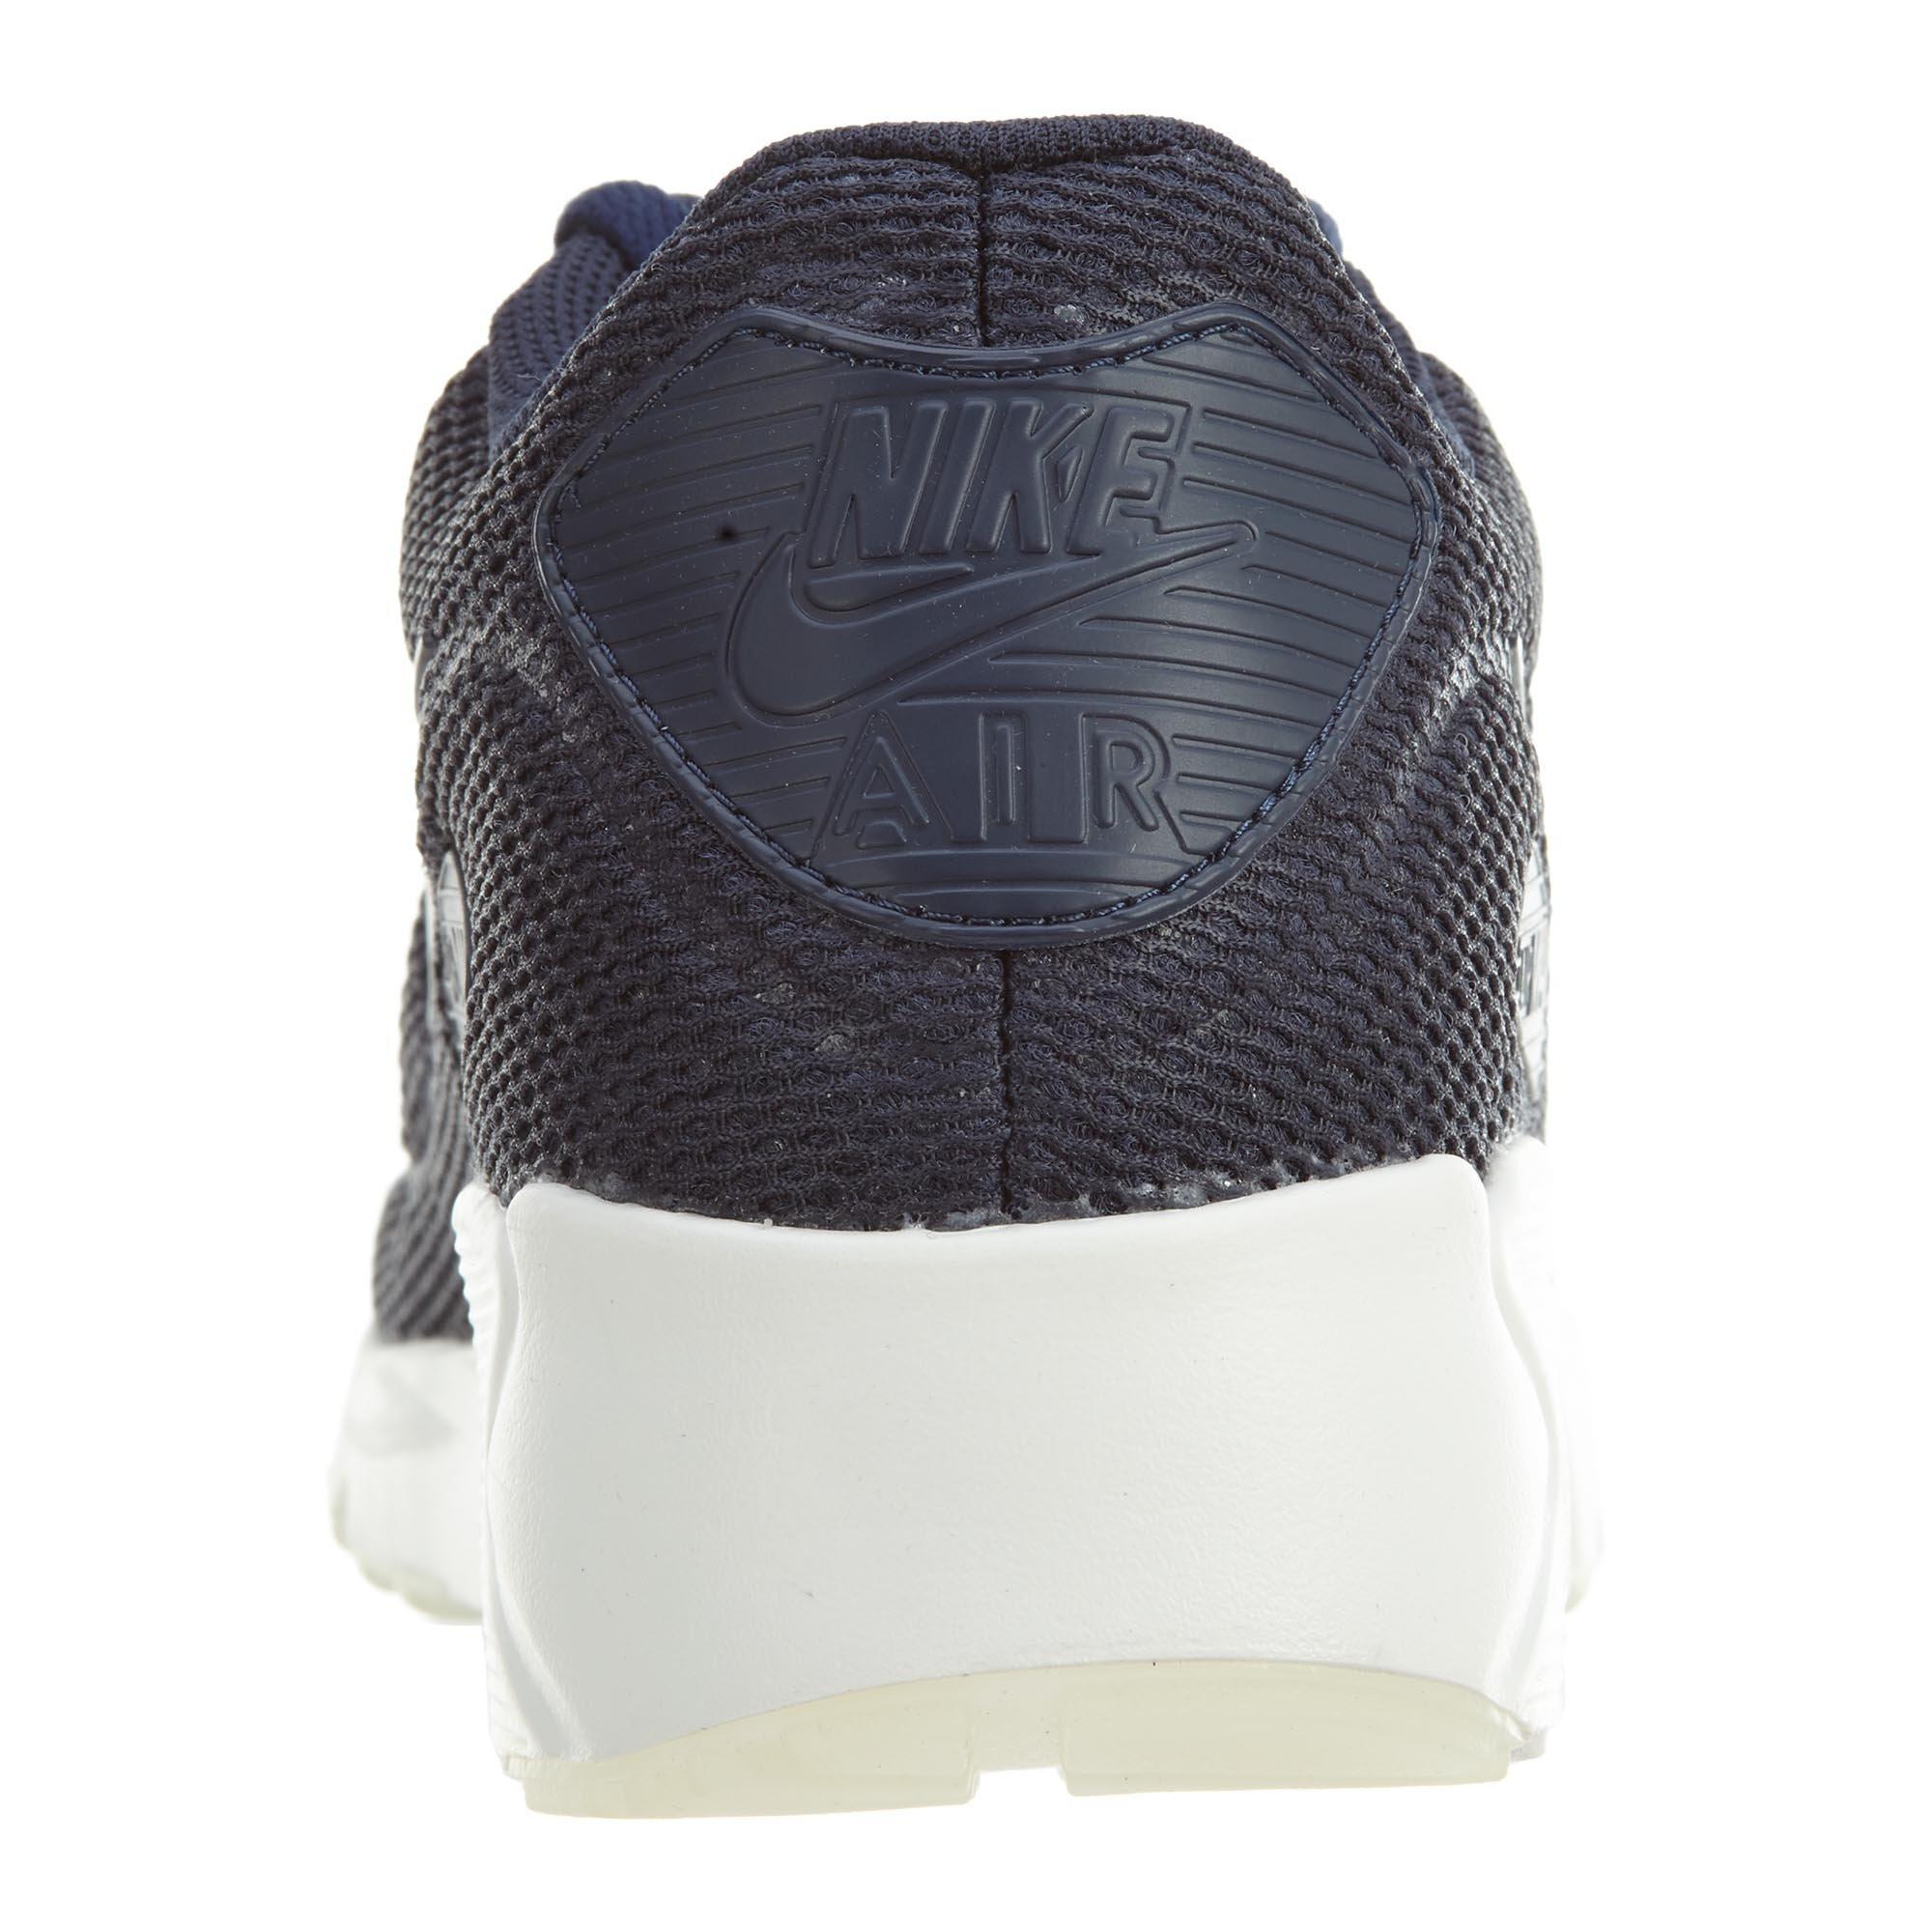 Nike 898010-400 Men Air Max 90 Ultra 2.0 BR Midnight Navy